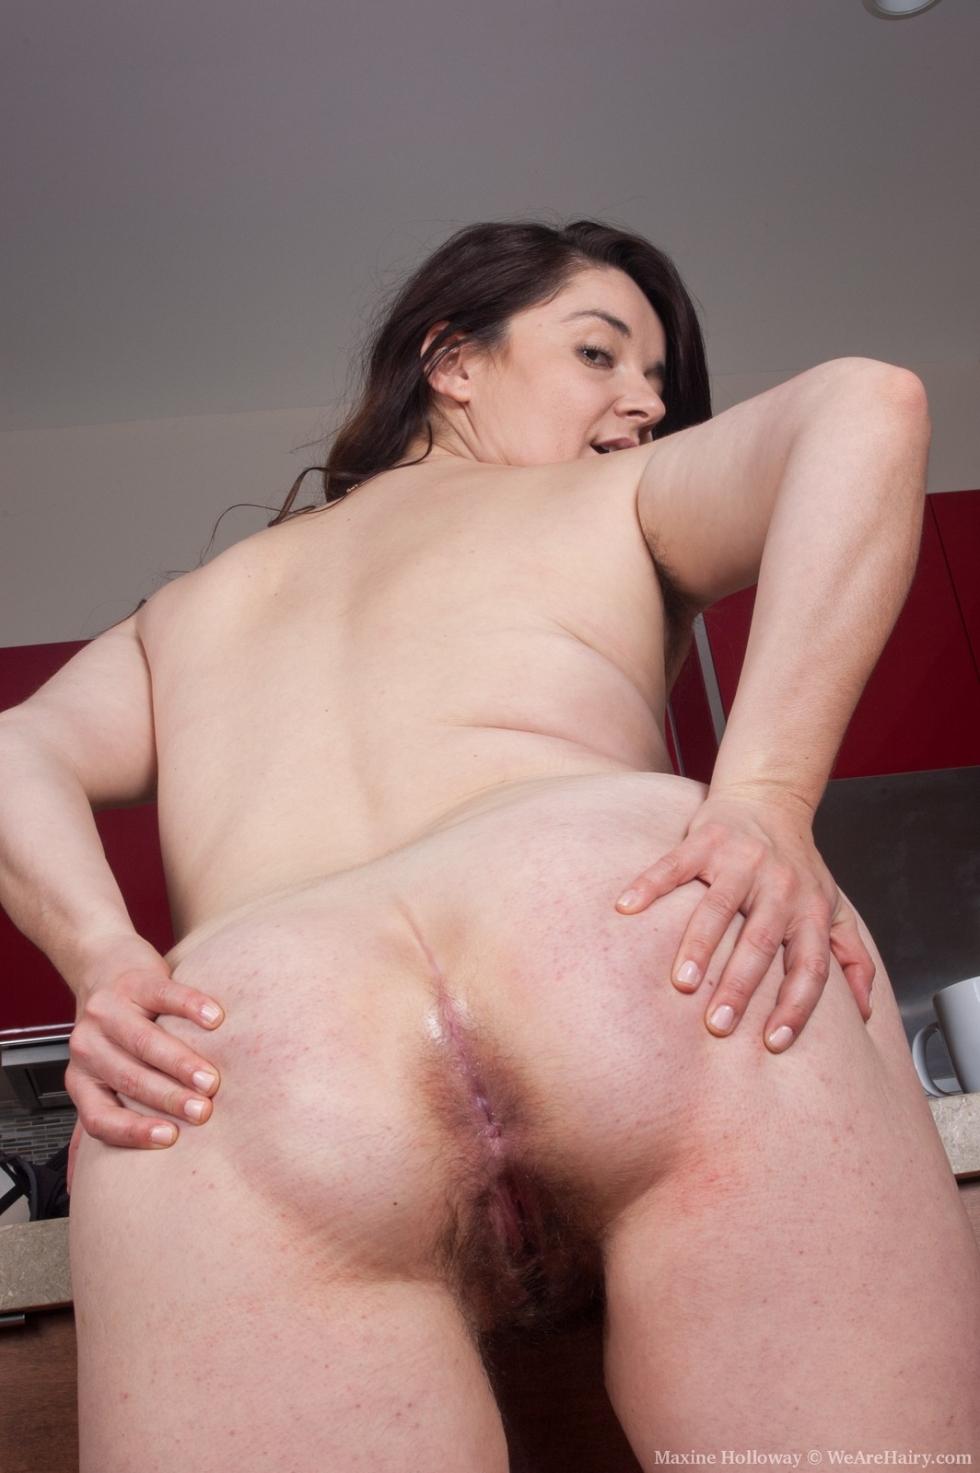 Maxine holloway porn